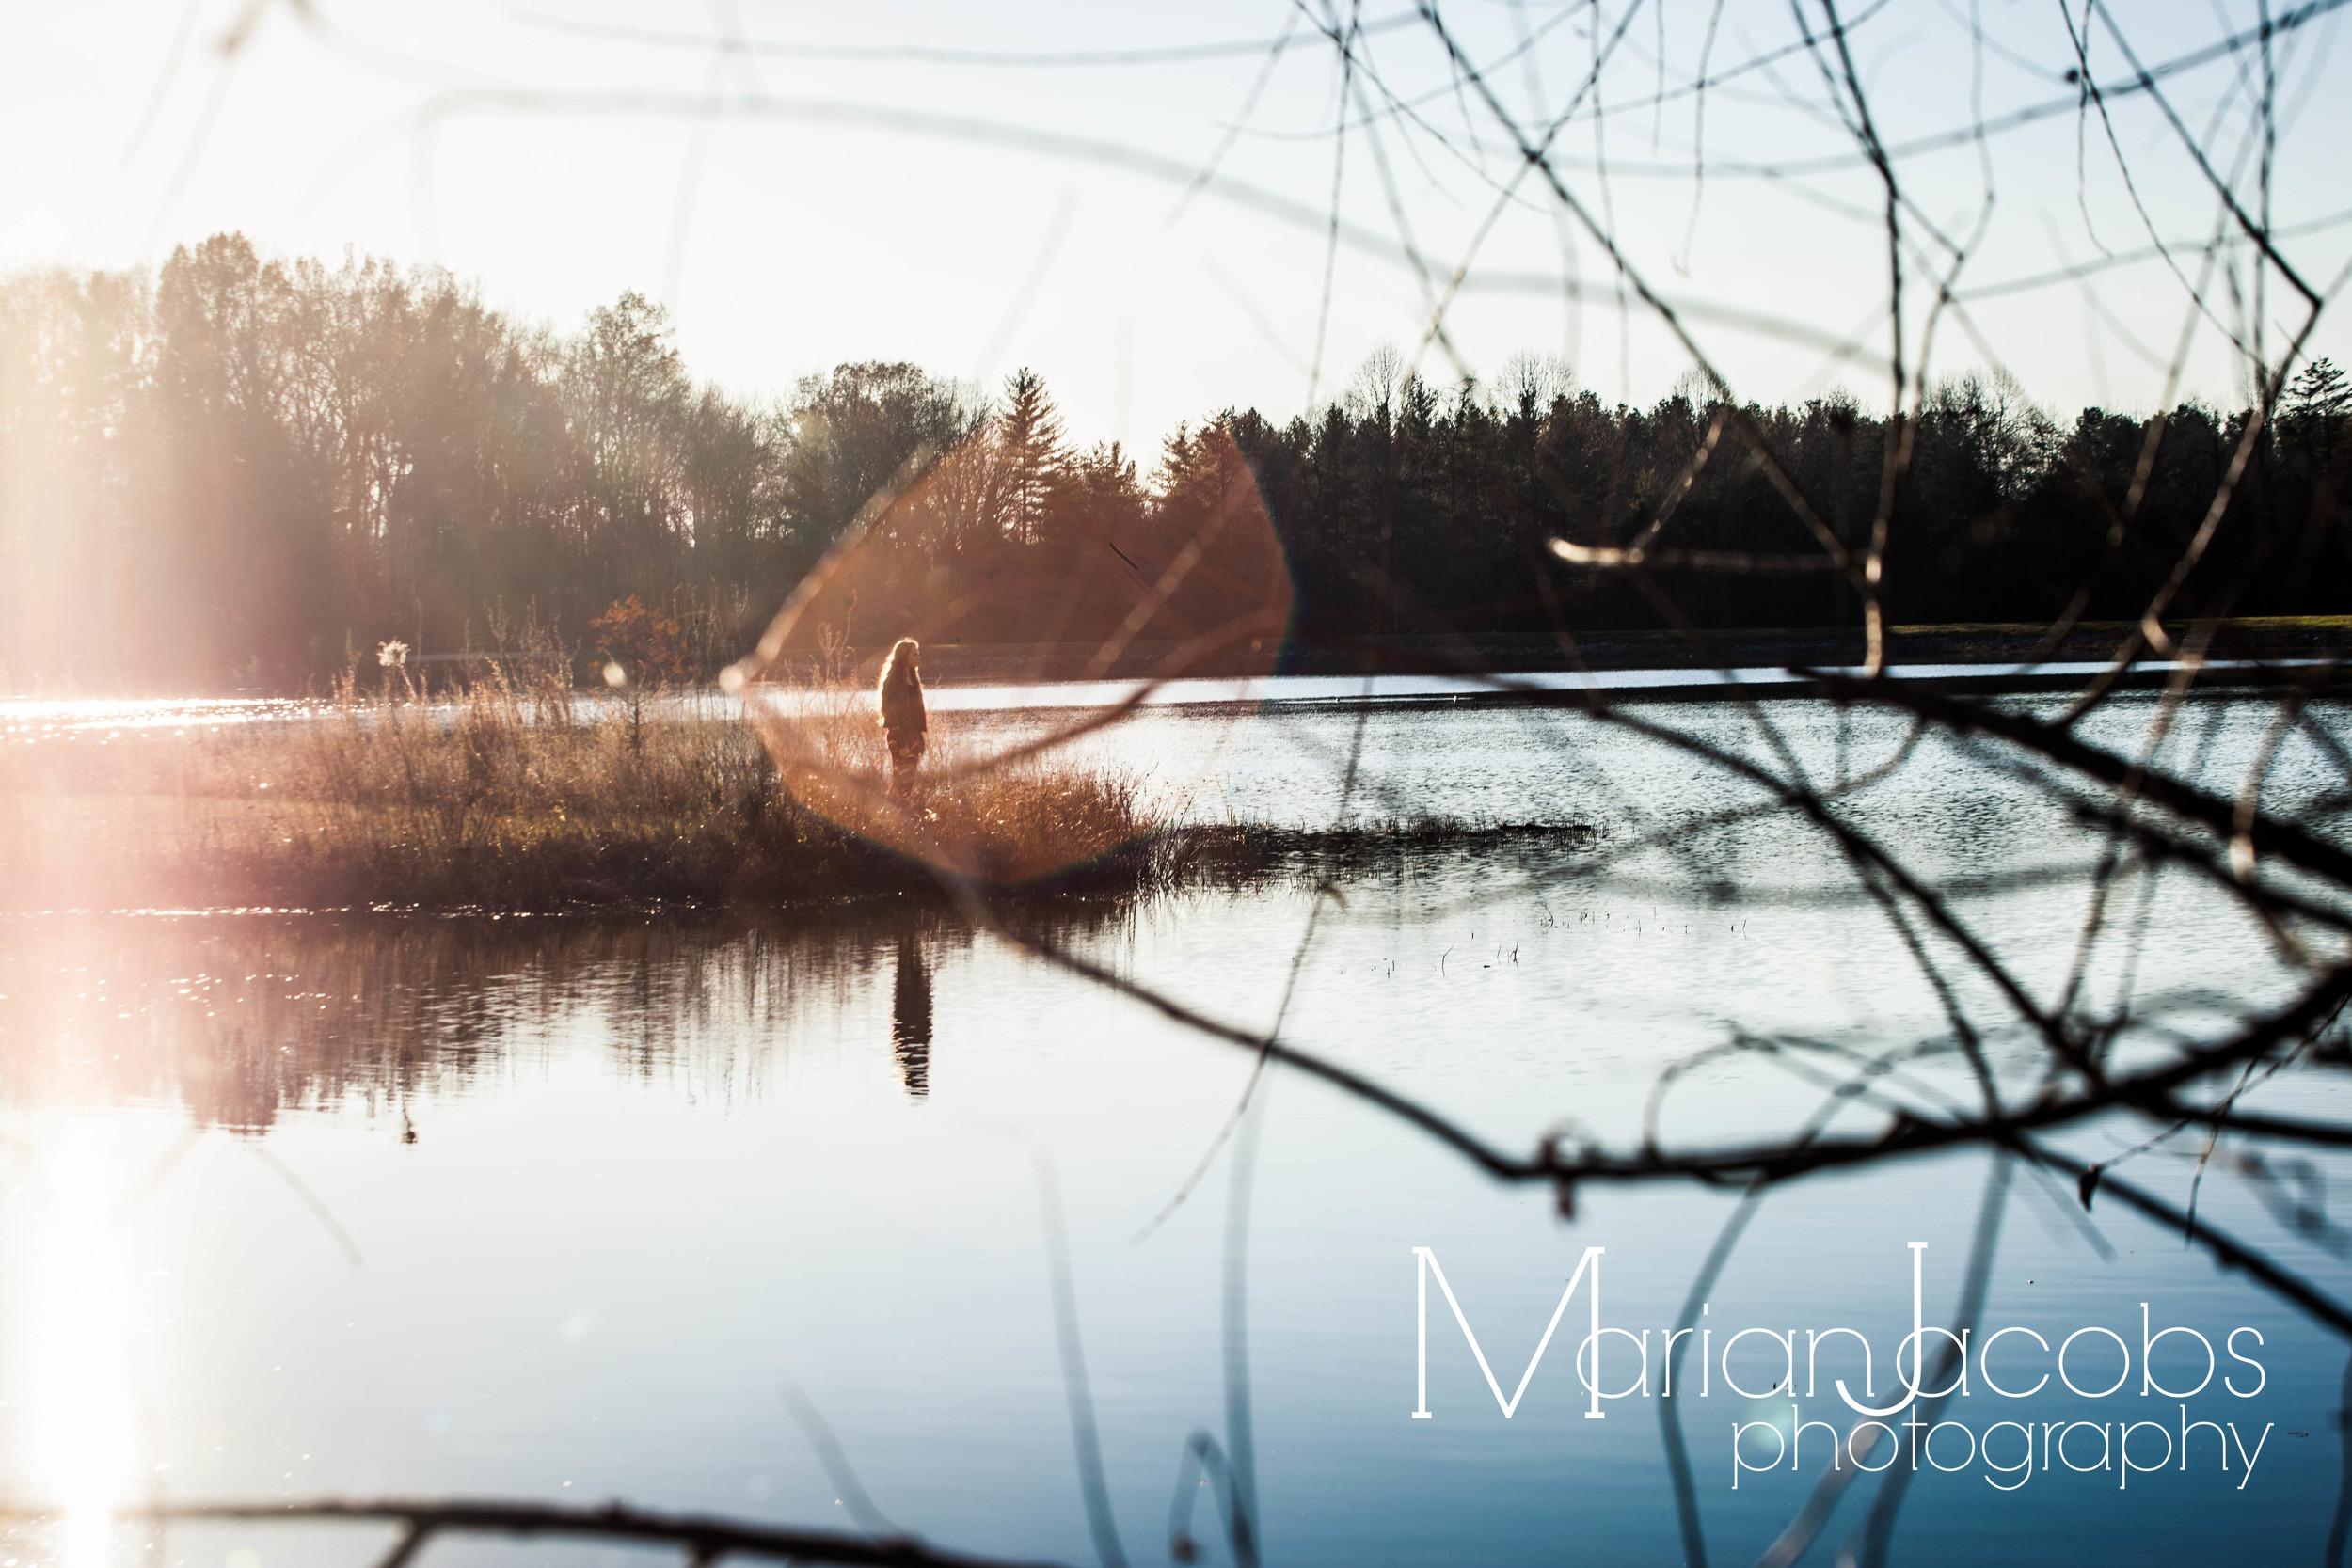 _MG_7509.jpg